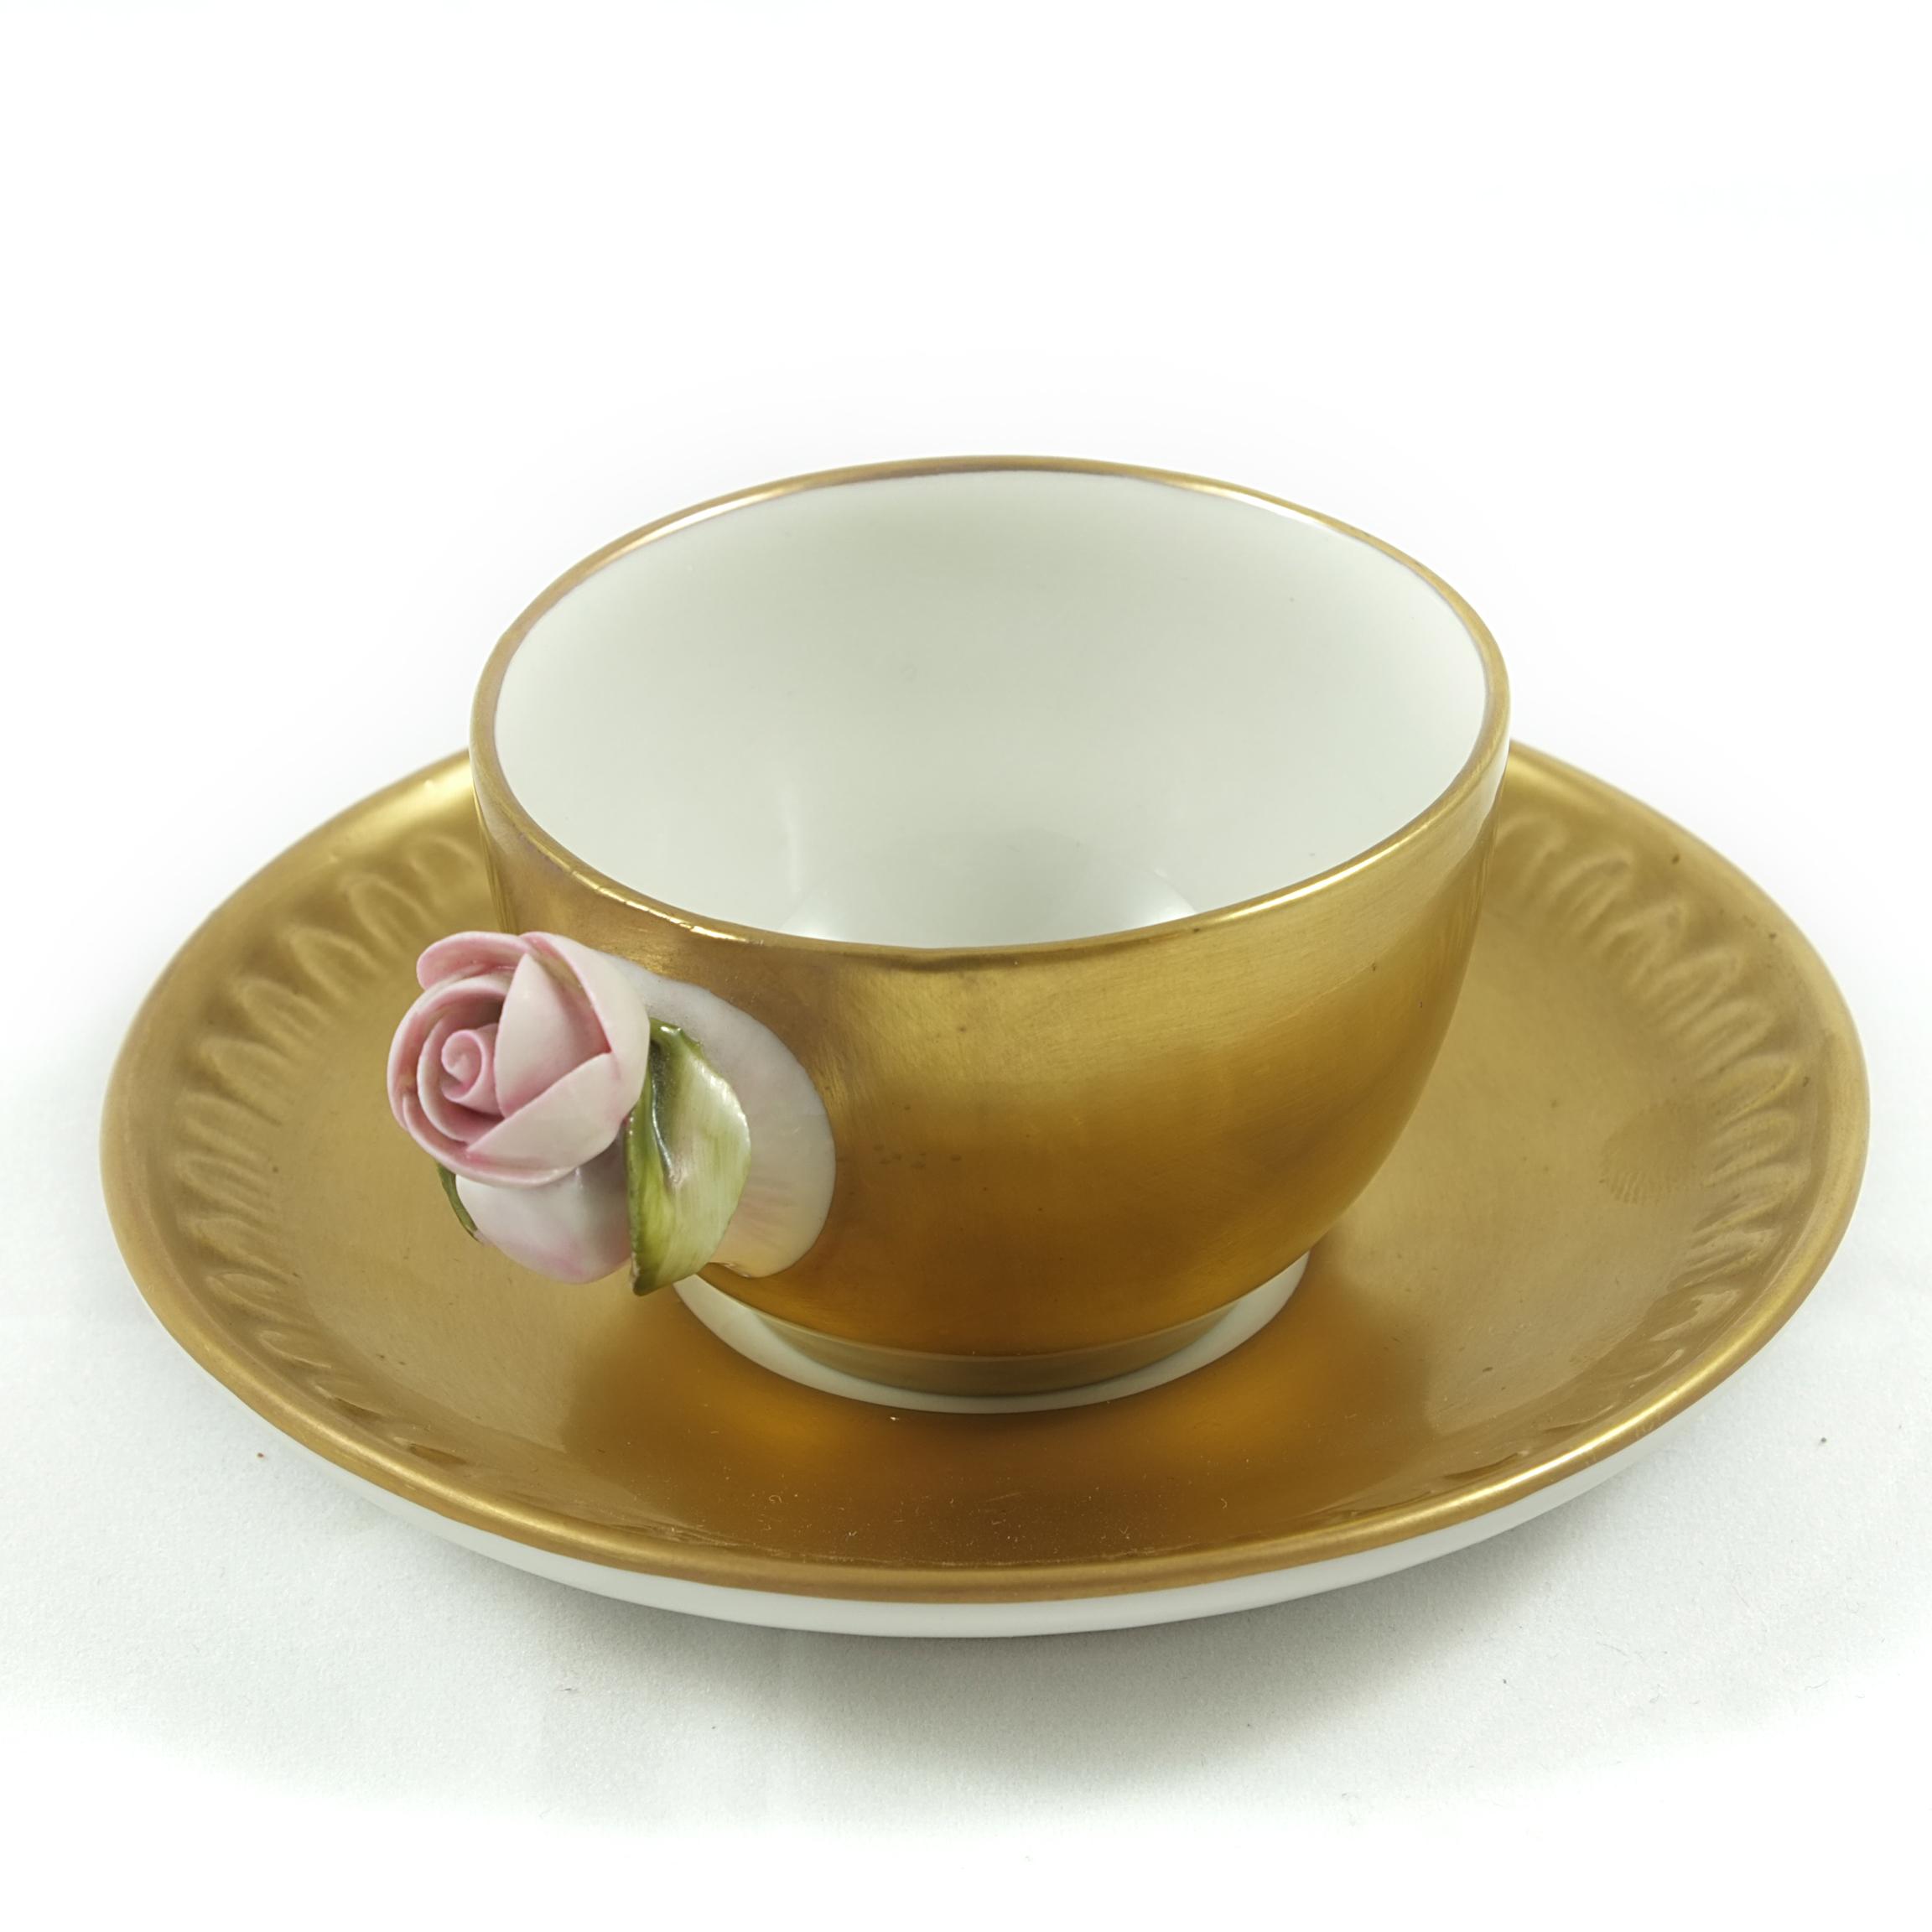 Tazzina porcellana Villari